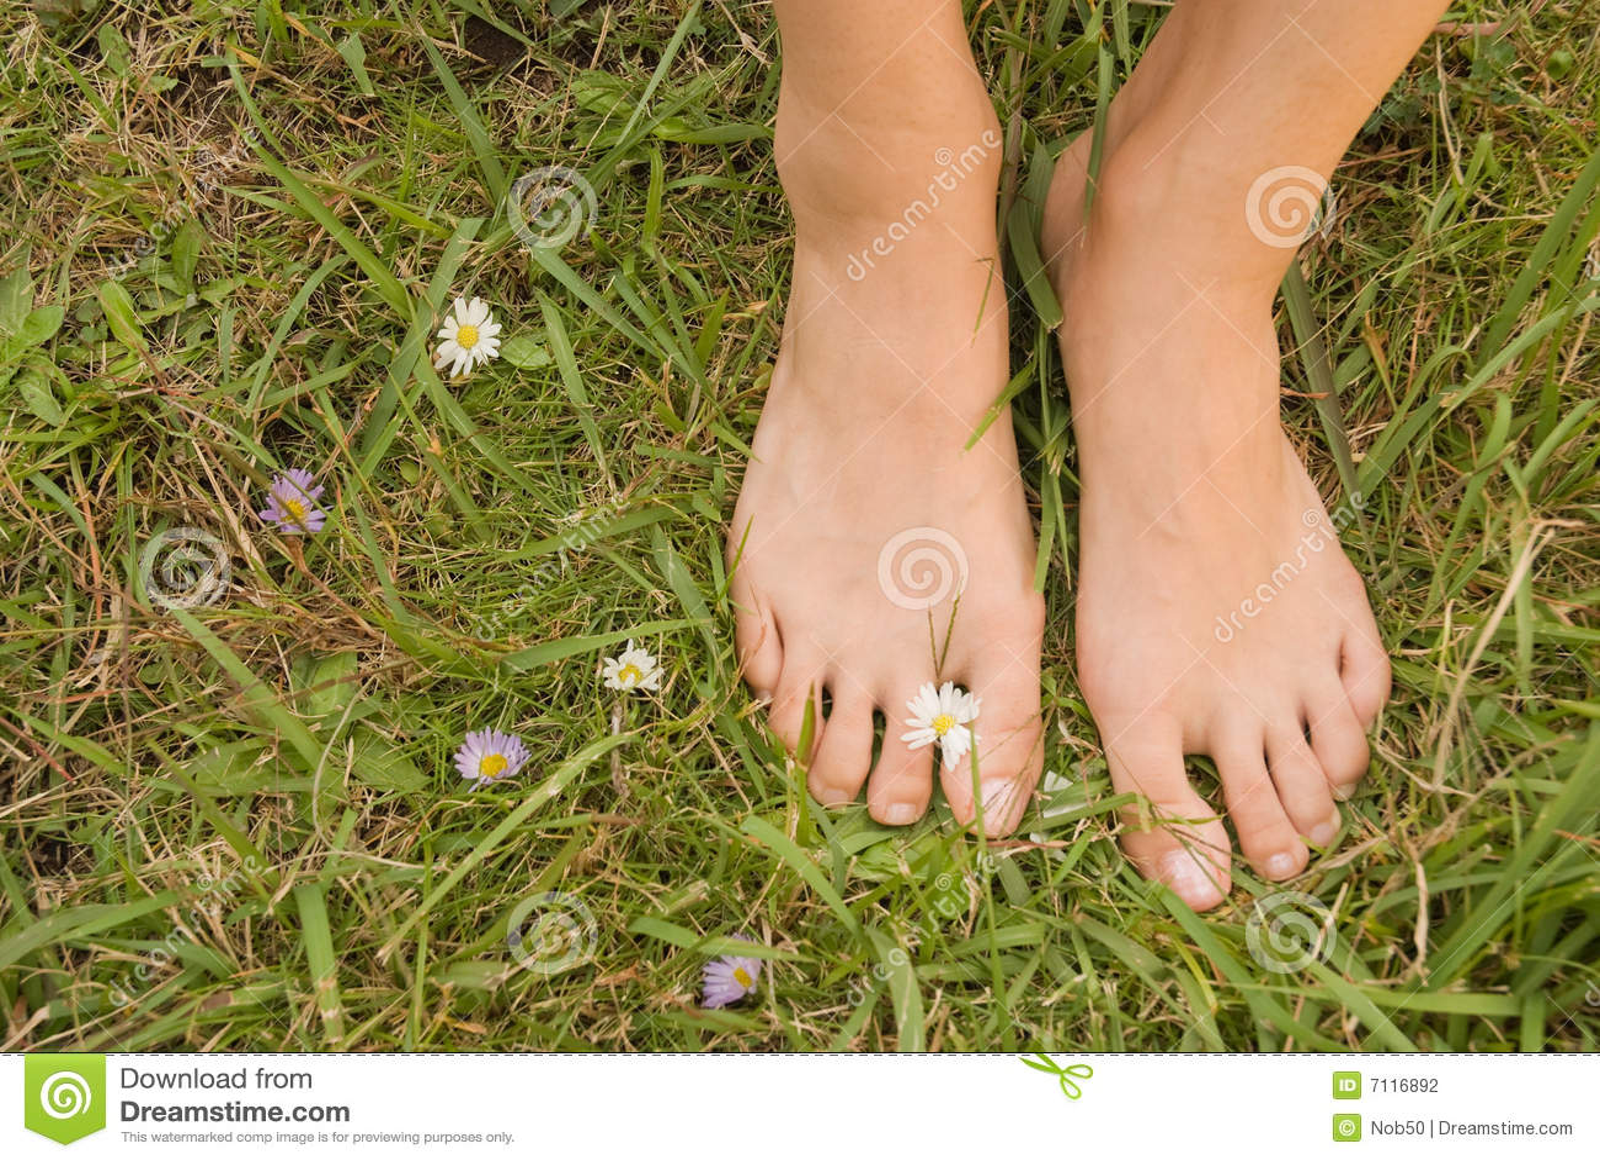 Video aficionado de pied femme